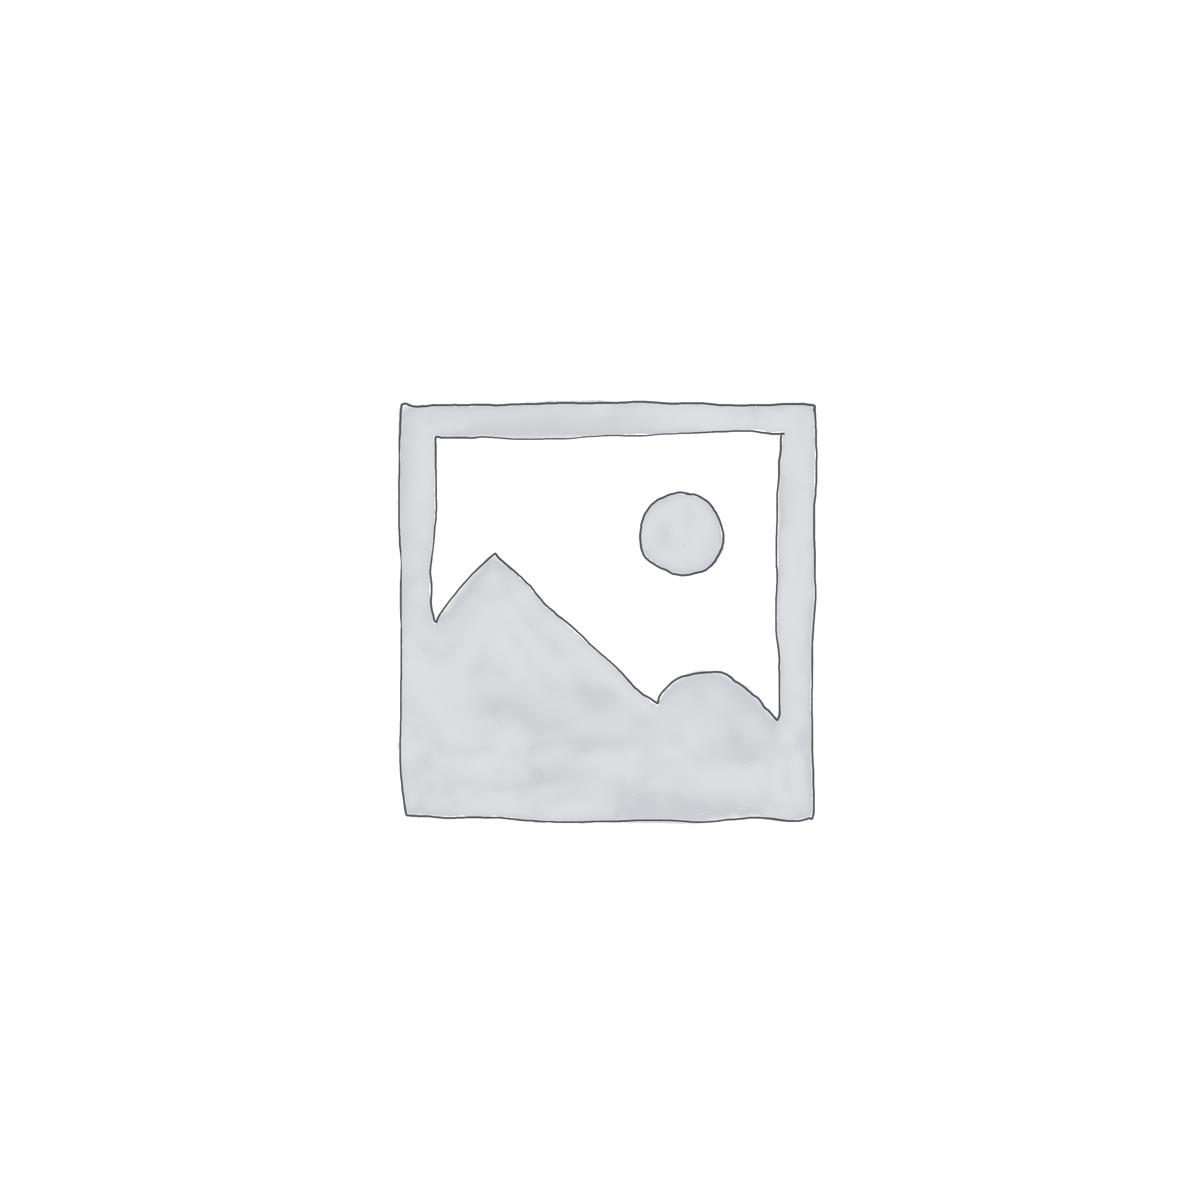 ספוט שקוע טוויטר טרימלס(ללא שוליים) לבן+לבן – גדול